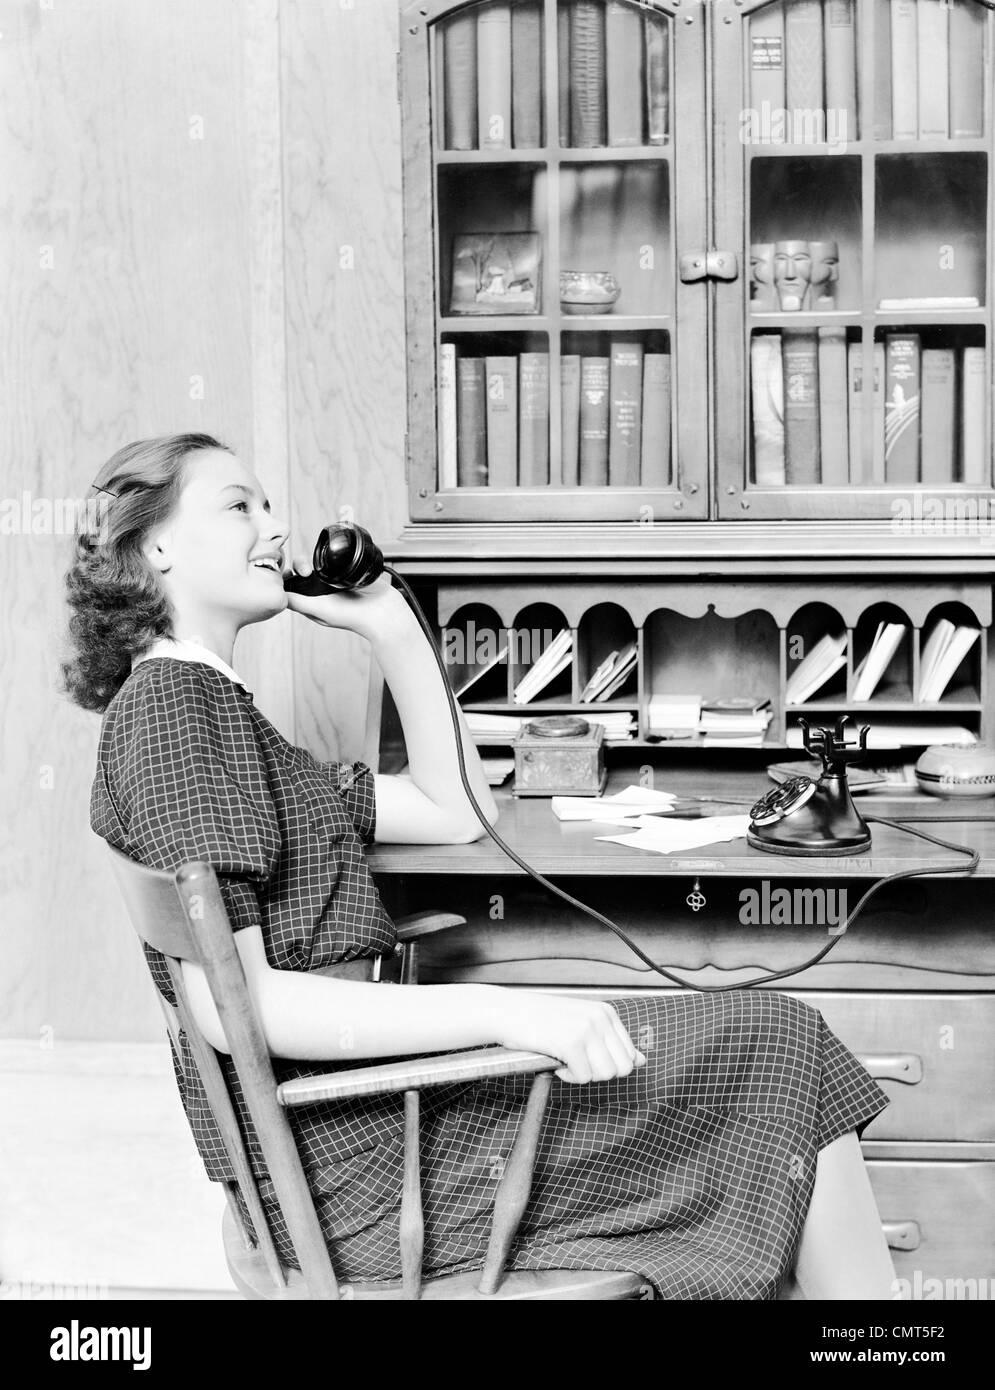 1930 1940 adolescente sentado en una mesa hablando por teléfono dial giratorio negro antiguo Imagen De Stock